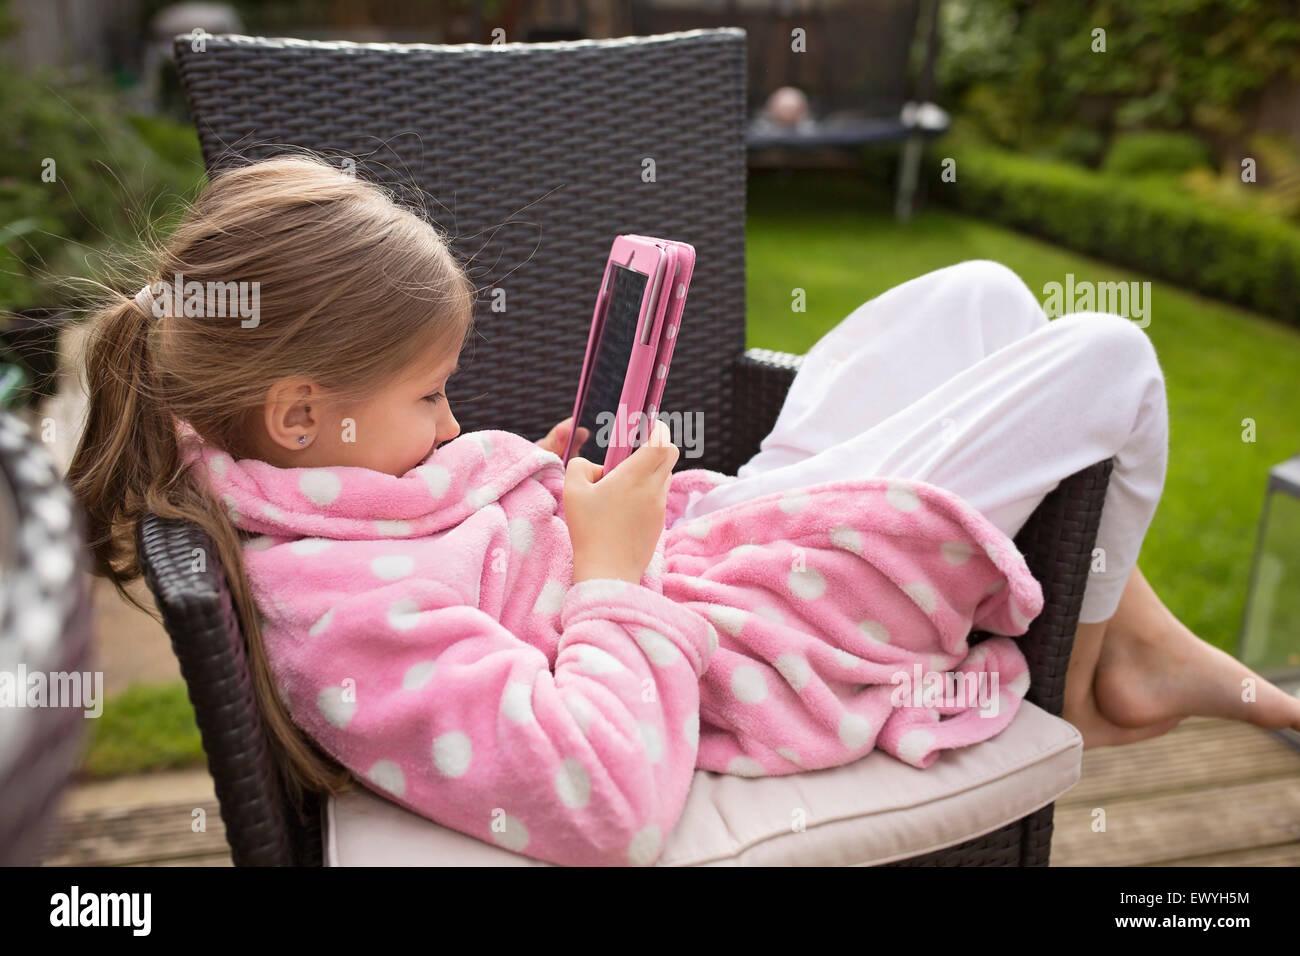 Mädchen beobachten Film auf elektronisches Gerät Stockbild